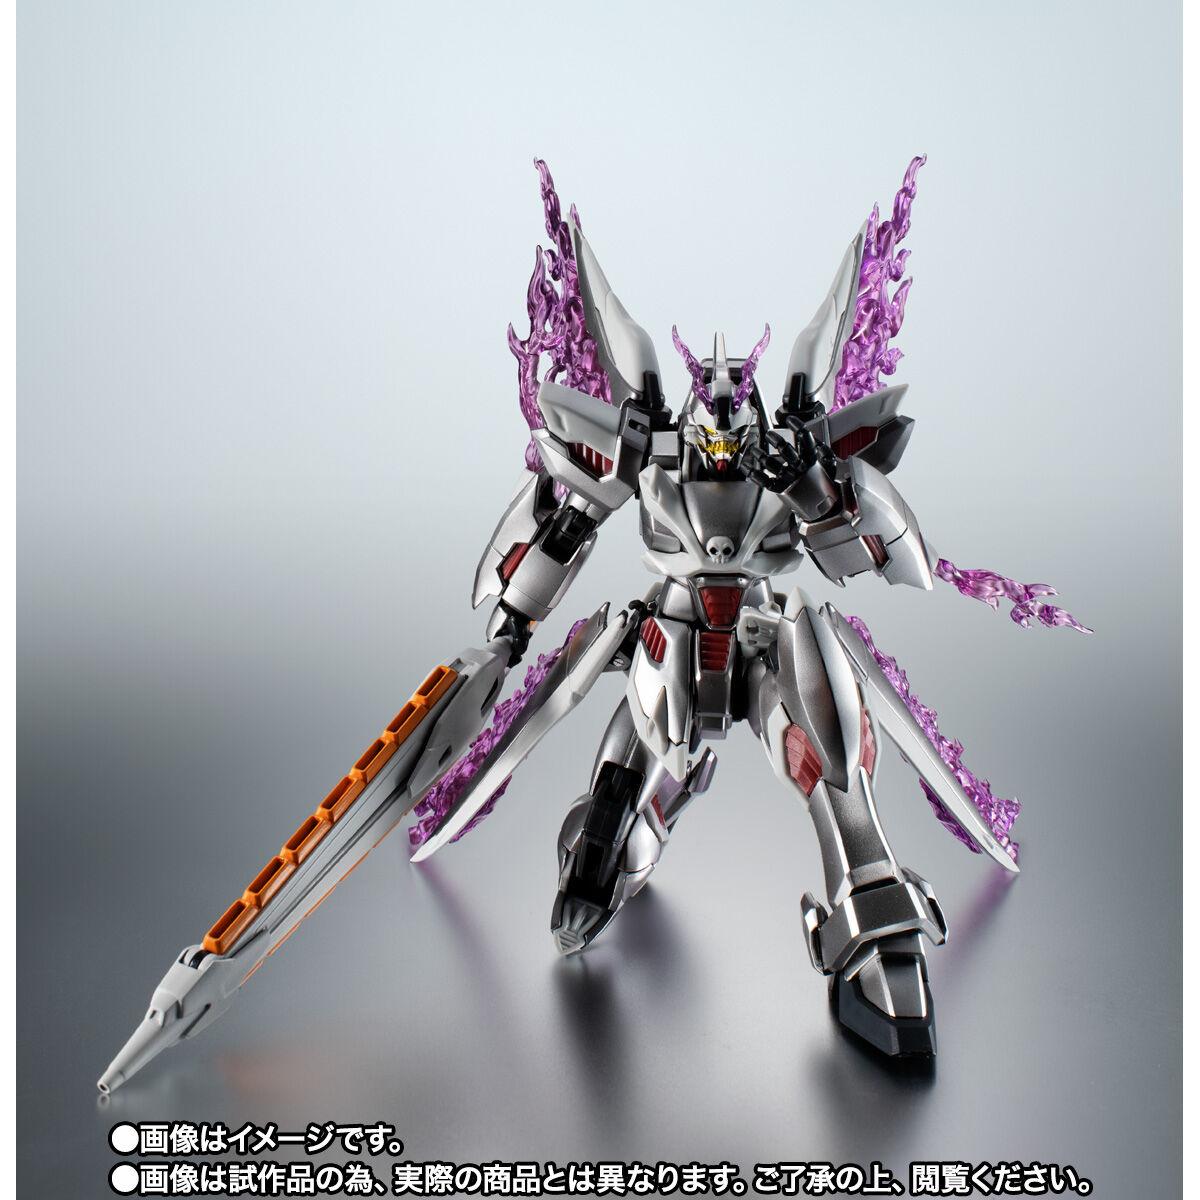 【限定販売】ROBOT魂〈SIDE MS〉『ゴーストガンダム』クロスボーン・ガンダム 可動フィギュア-005